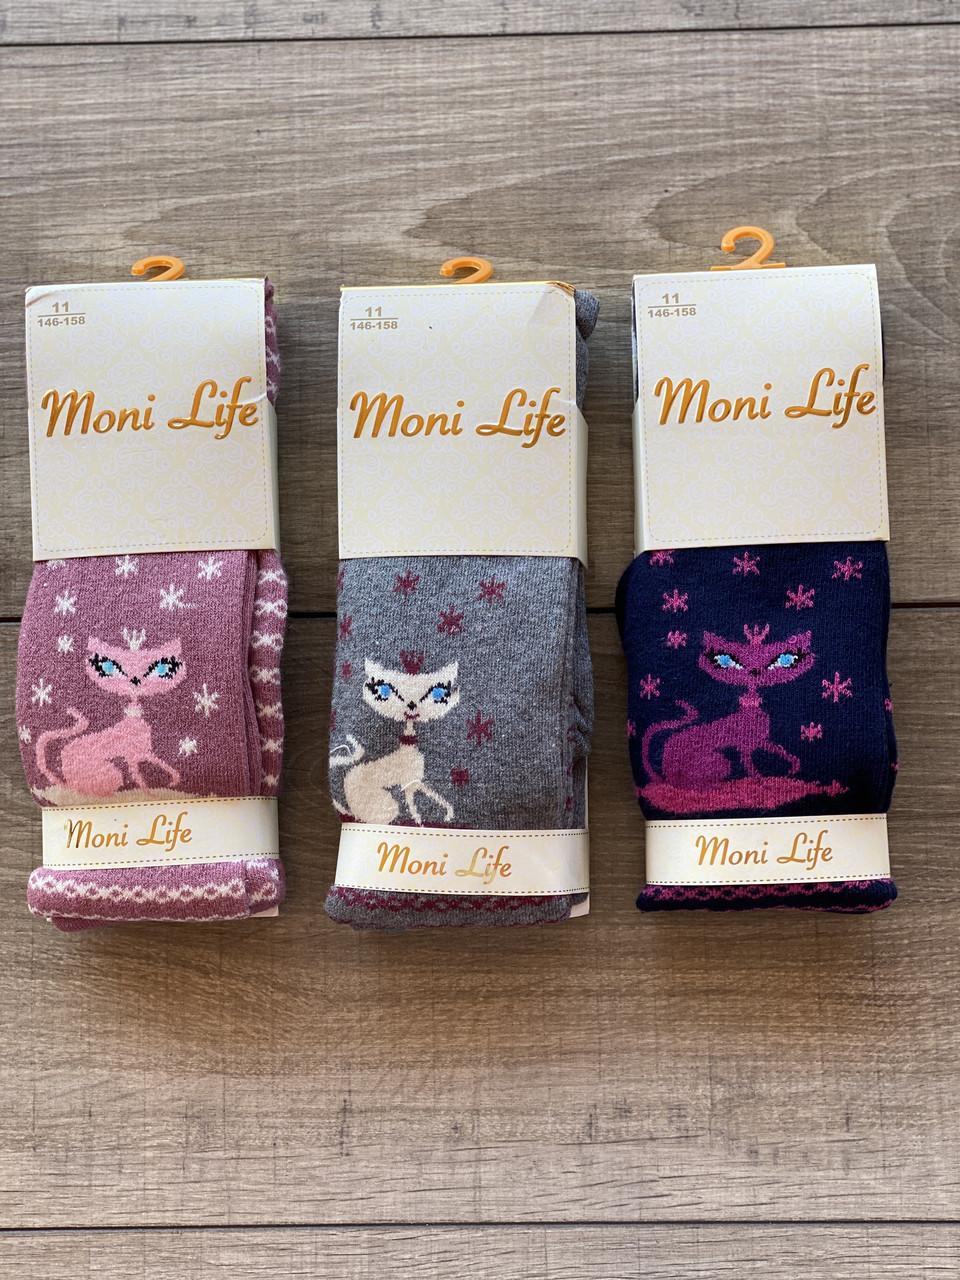 Дитячі колготи бавовна Moni Life з котиками для дівчаток 5,7,9,11 років 6 шт в уп мікс кольорів